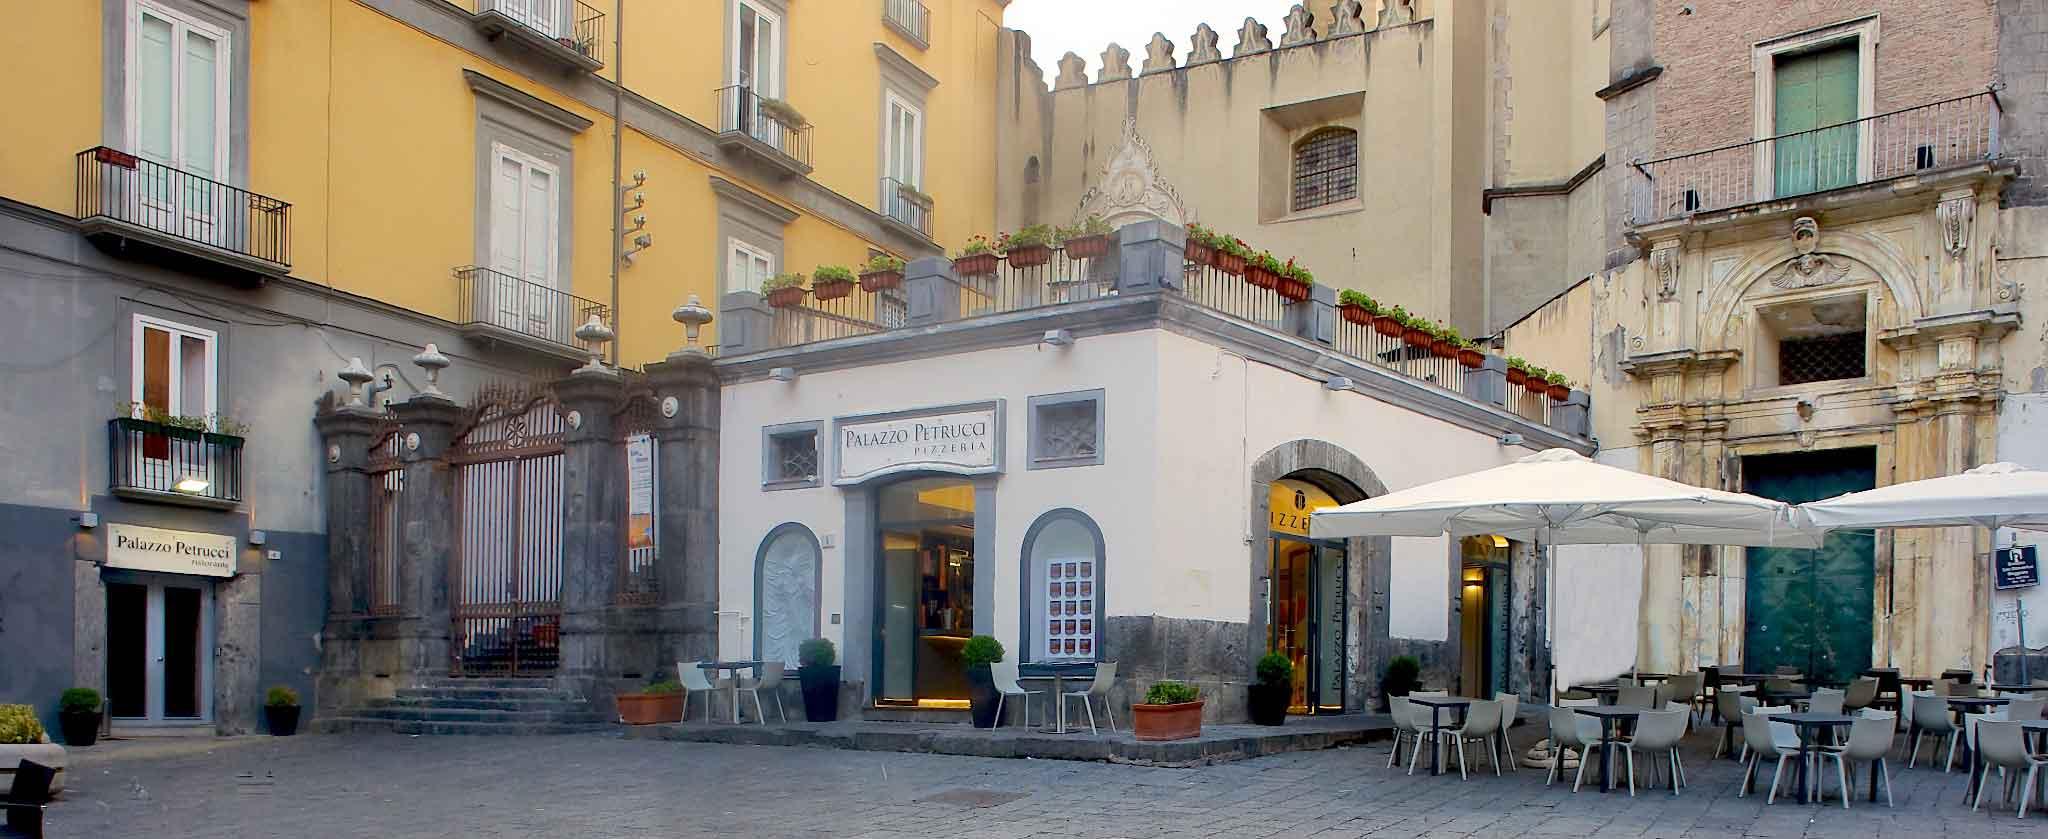 Palazzo Petrucci ristorante e pizzeria Napoli